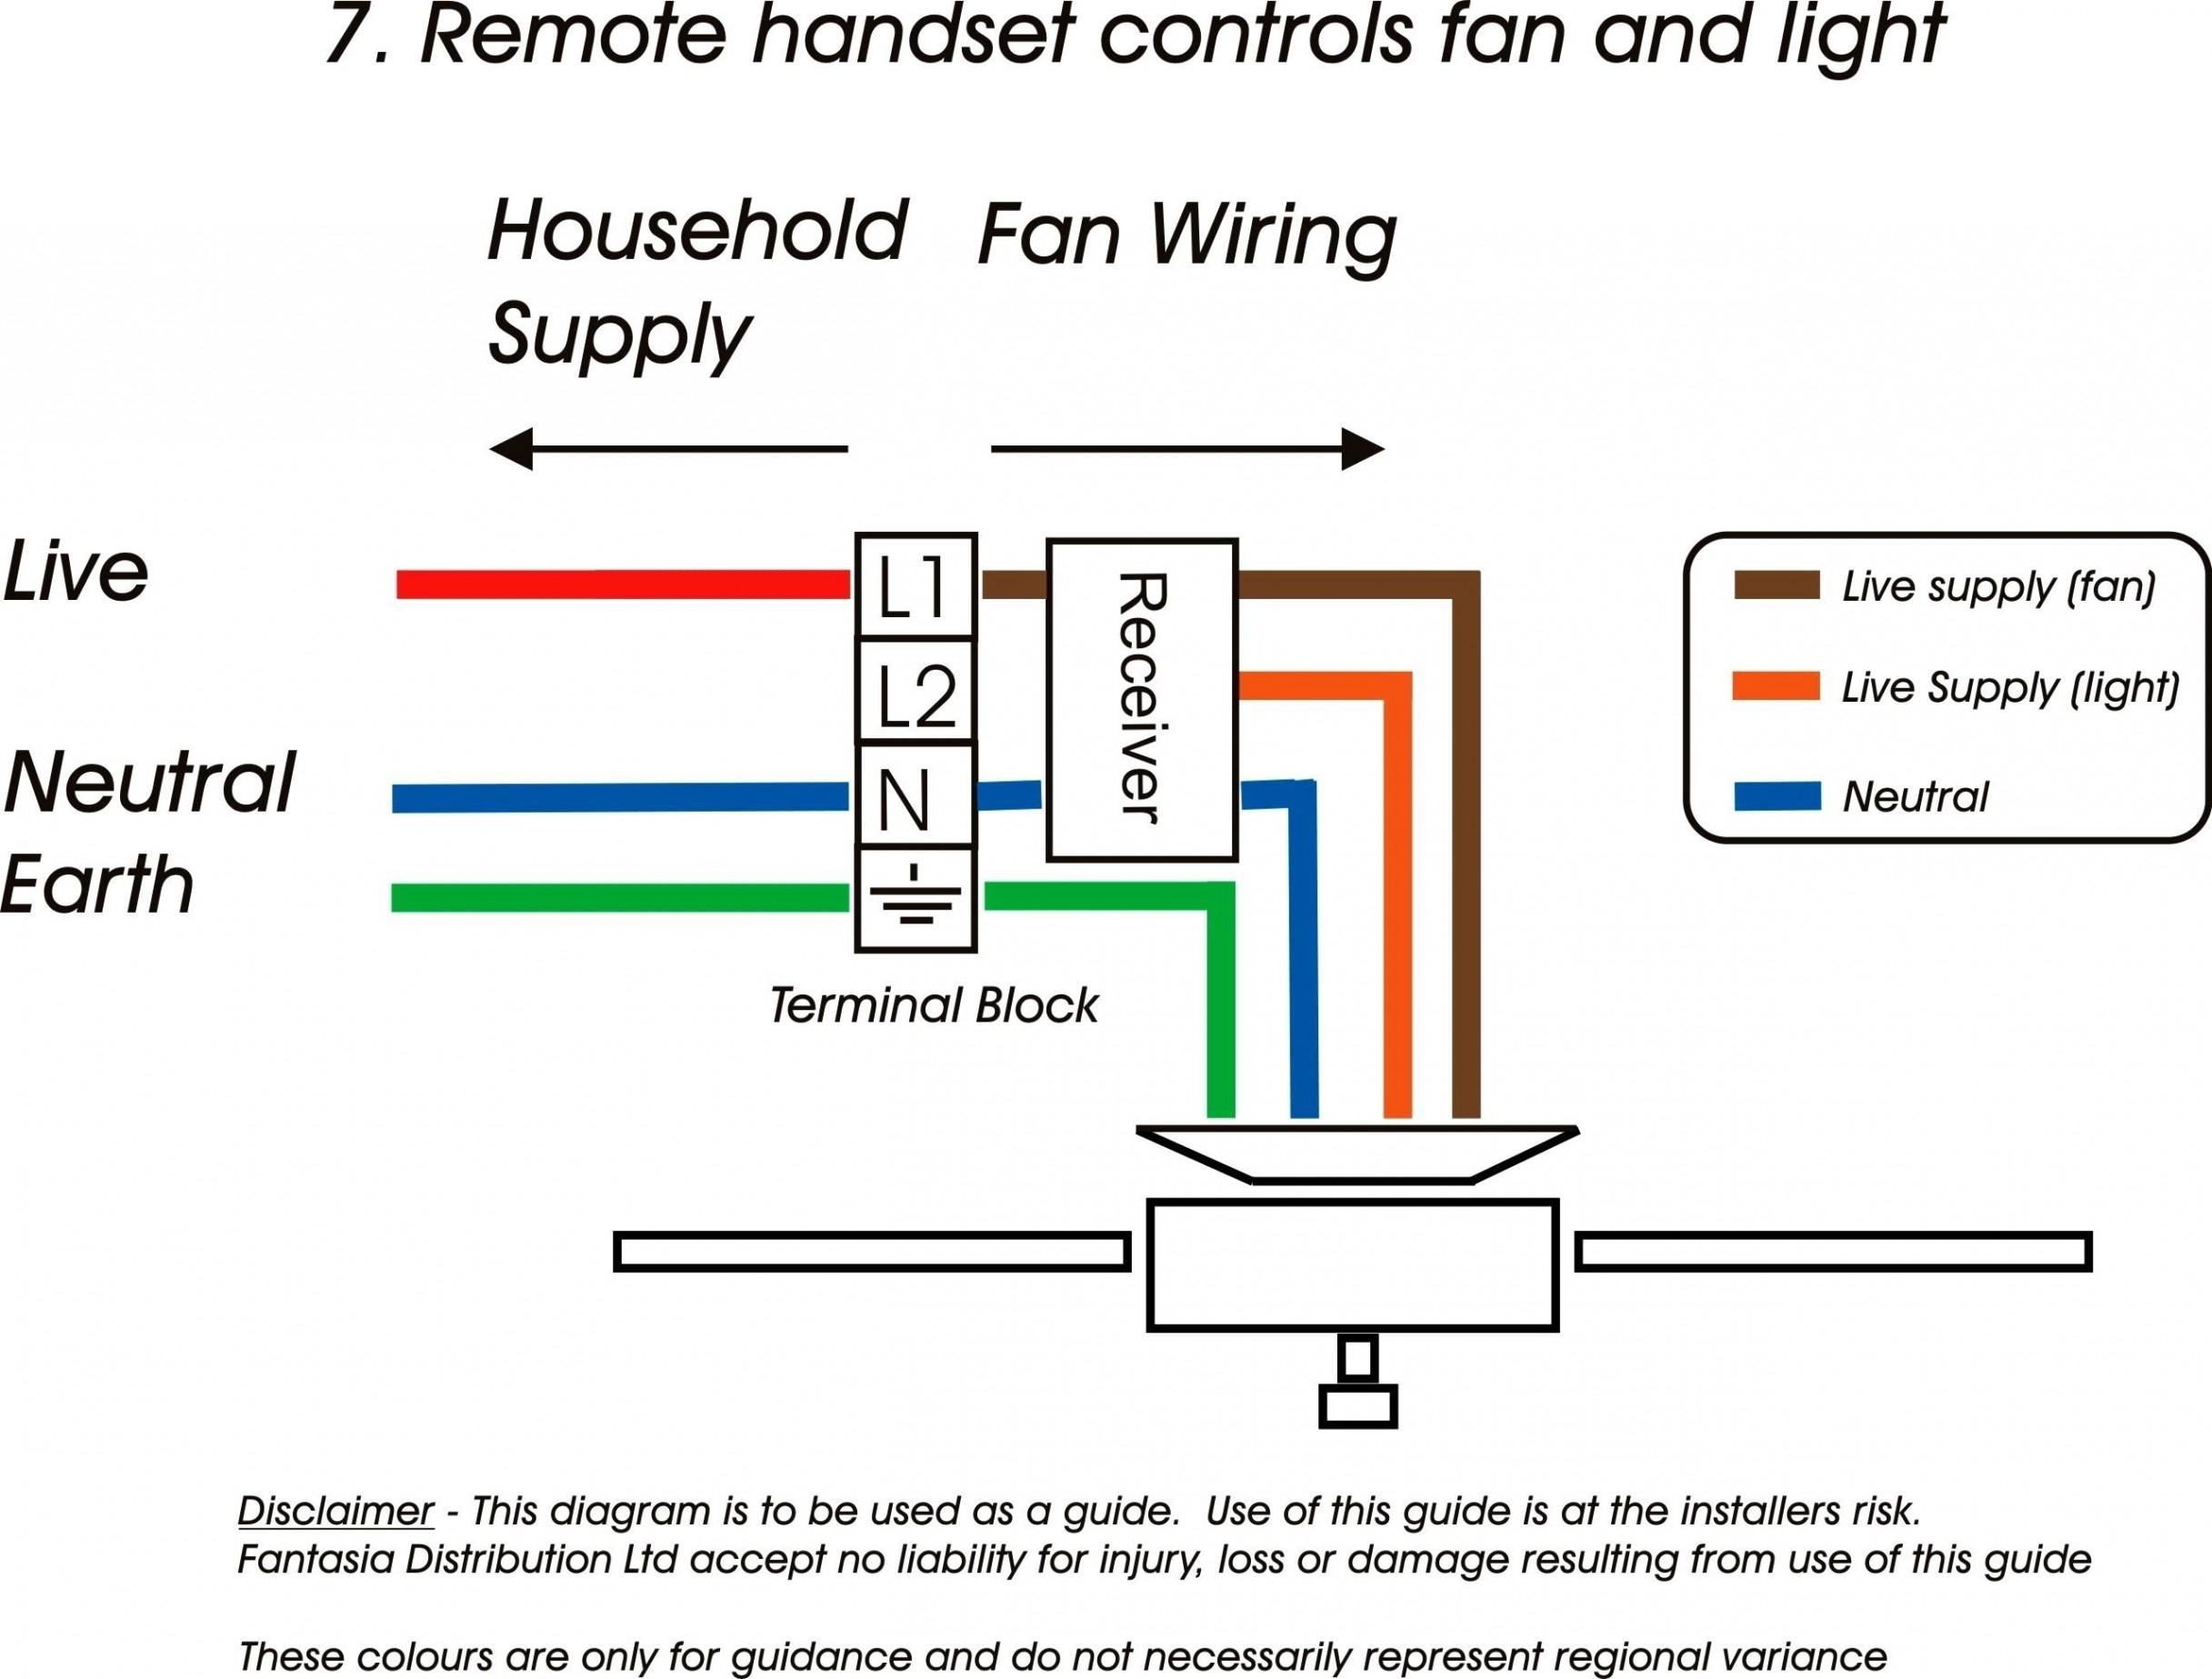 ceiling fan 3 speed wall switch wiring diagram free wiring diagramceiling fan 3 speed wall switch wiring diagram 3 speed ceiling fan switch wiring diagram